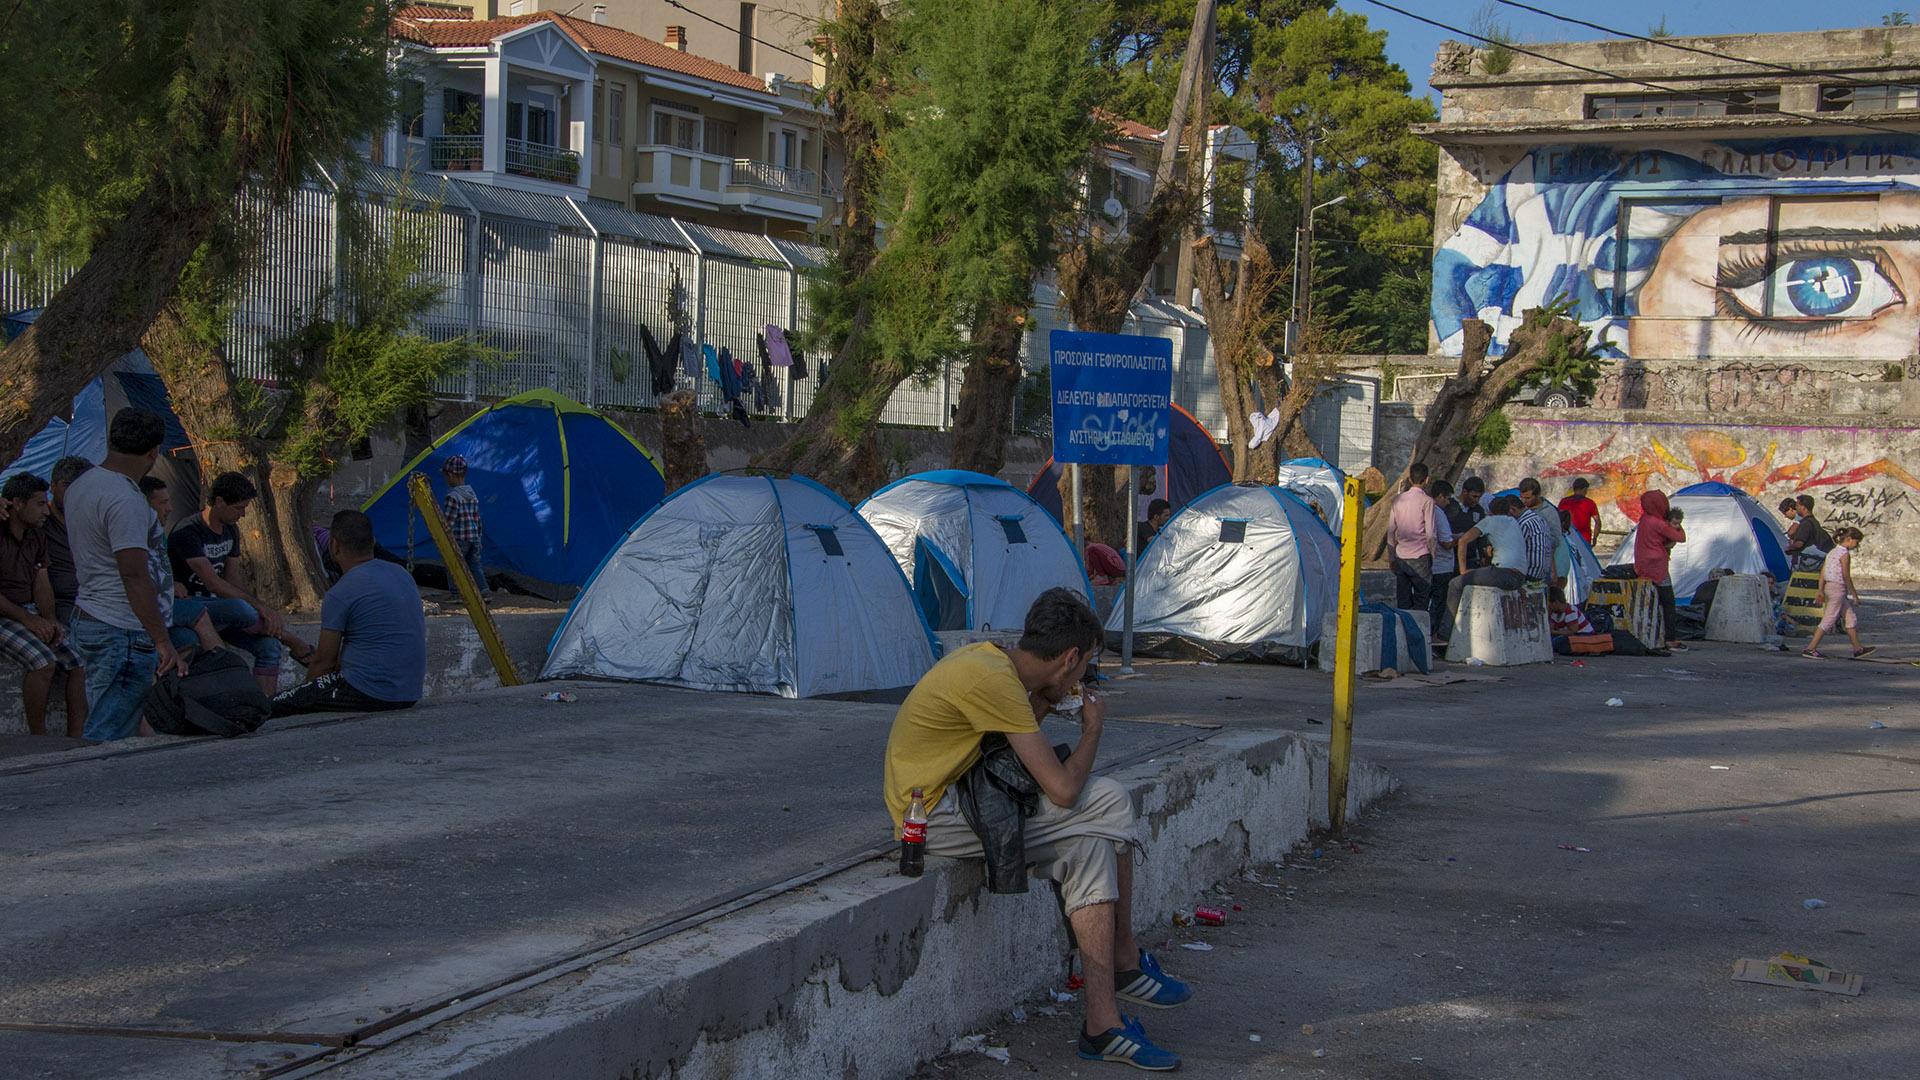 20150912 Lesbos 098 (1)